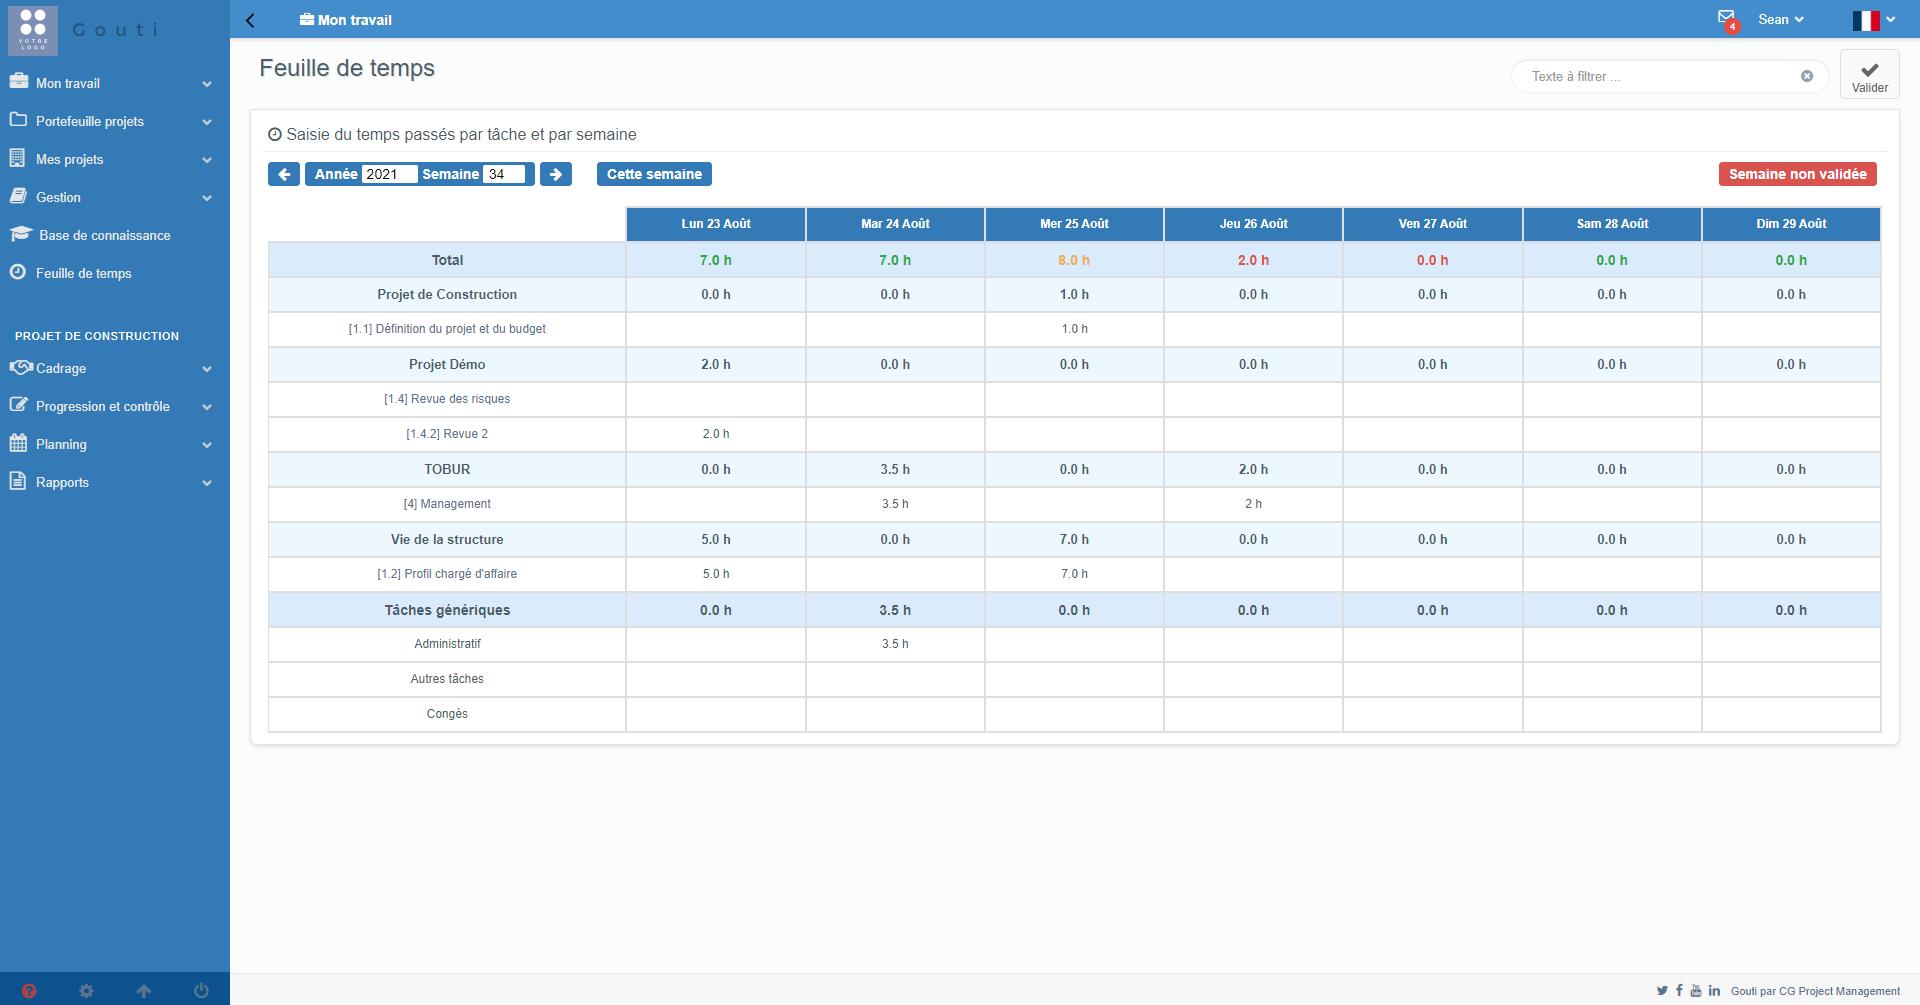 Chaque utilisateur dispose d'une feuille de temps dans laquelle il peut reporter les heures qu'il a passé sur ses tâches projets et sur des tâches génériques hors projets (ex : administratif, congés...)